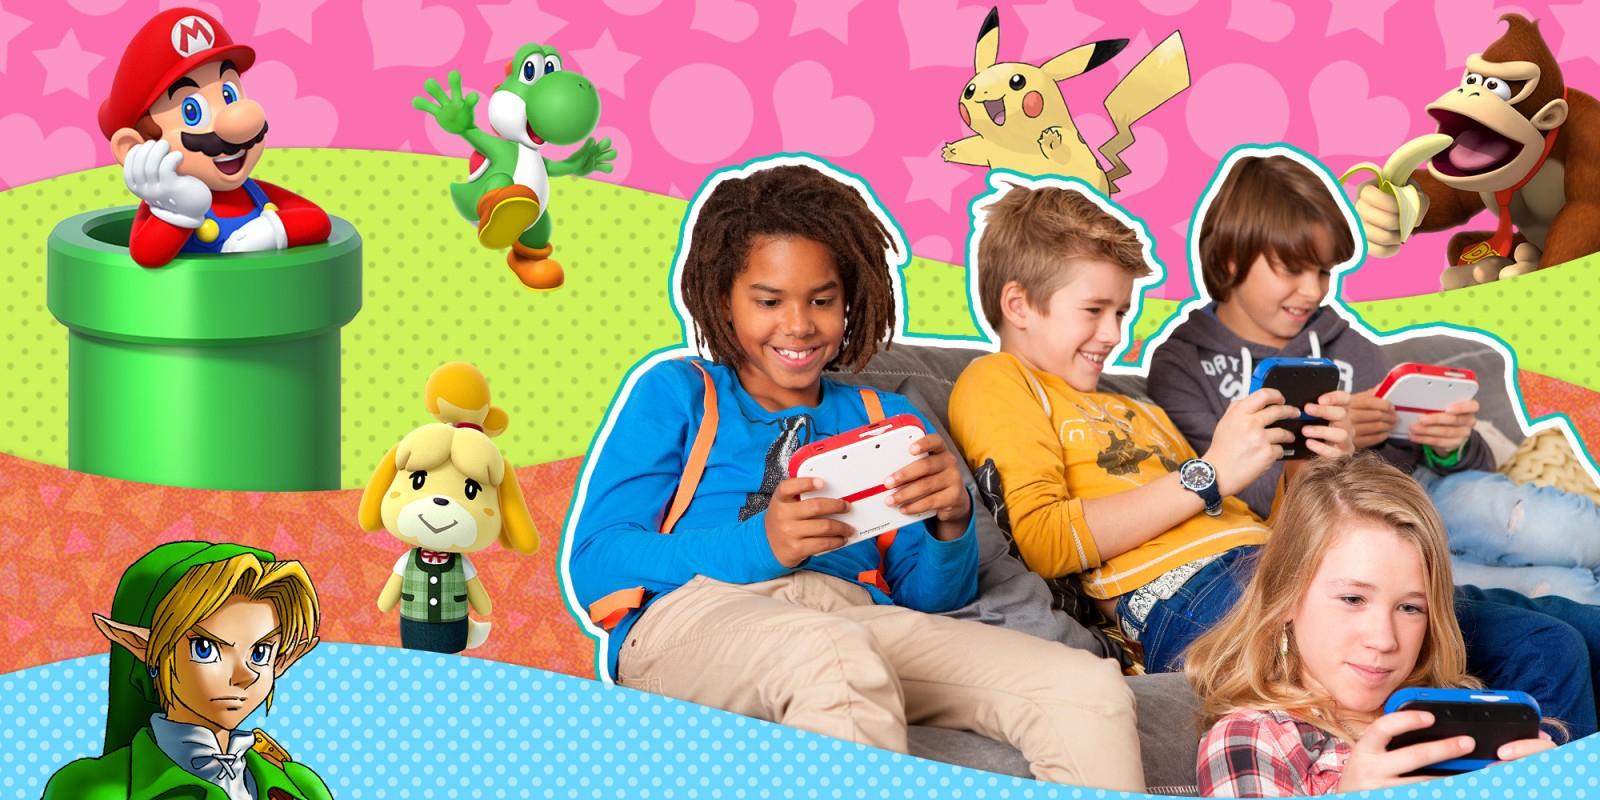 Jeux Nintendo Pour Les Enfants | Nintendo destiné Jeux Pour Enfant De 3 Ans